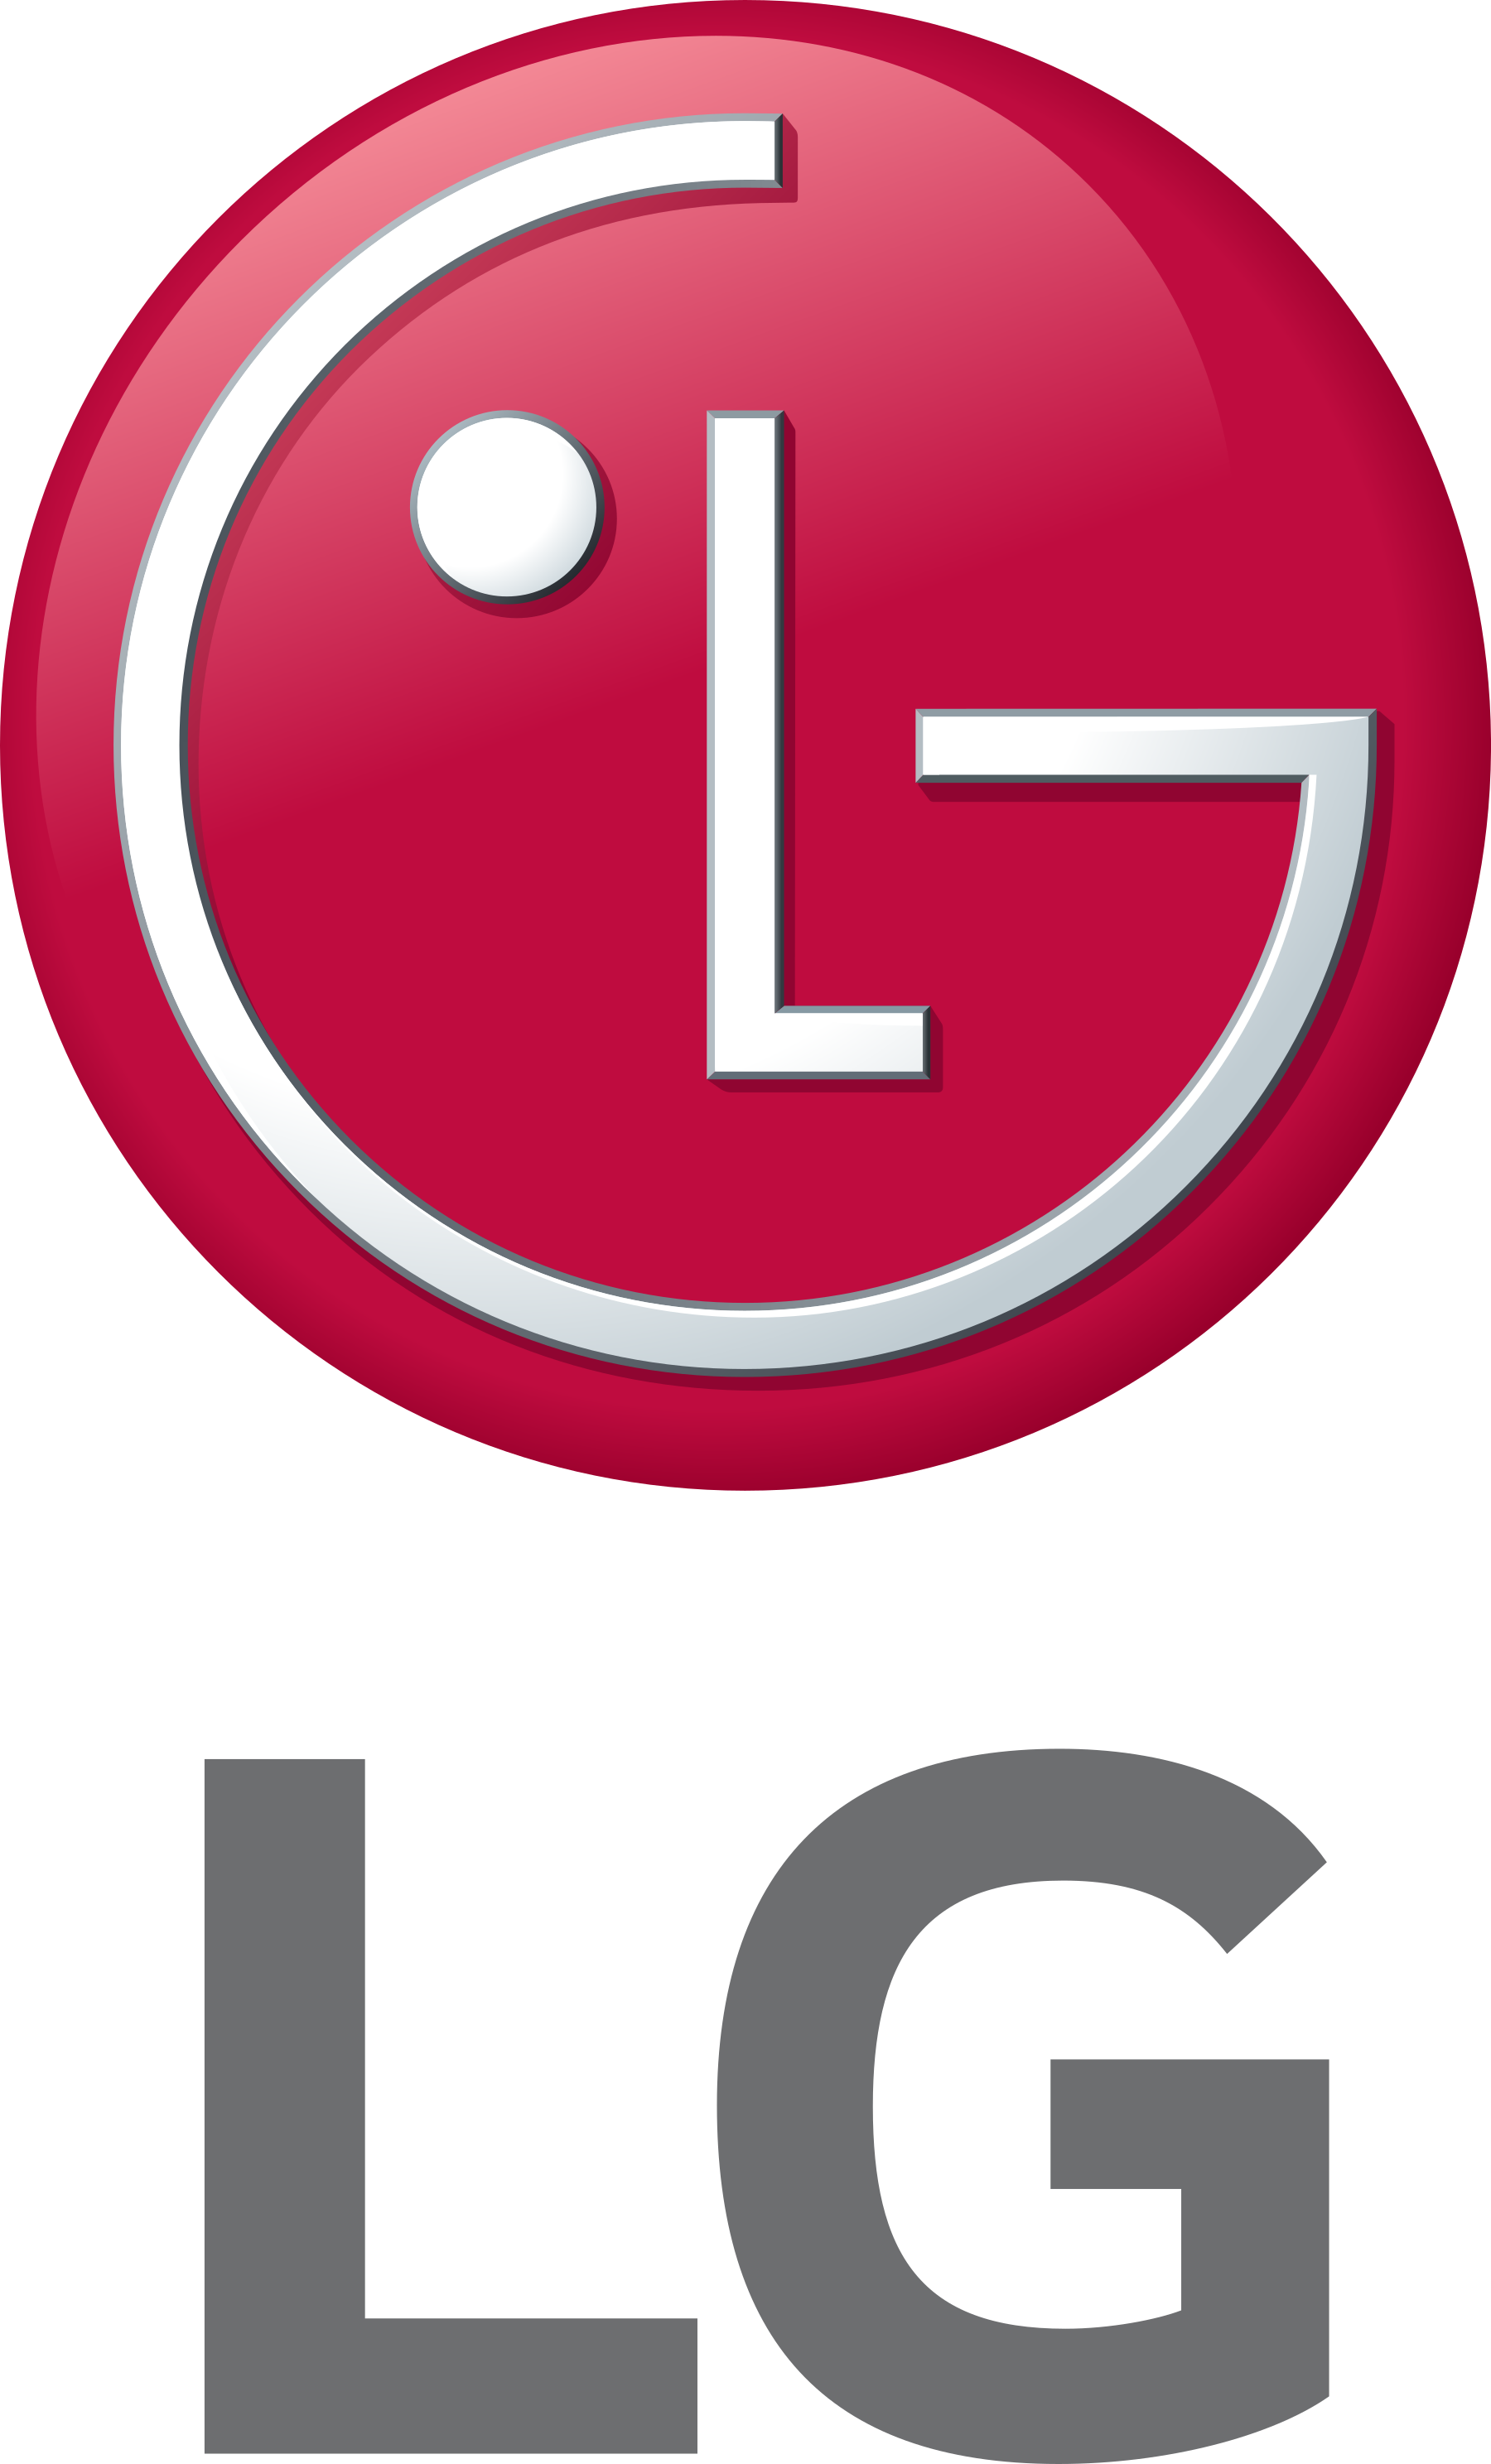 lg-logo-5